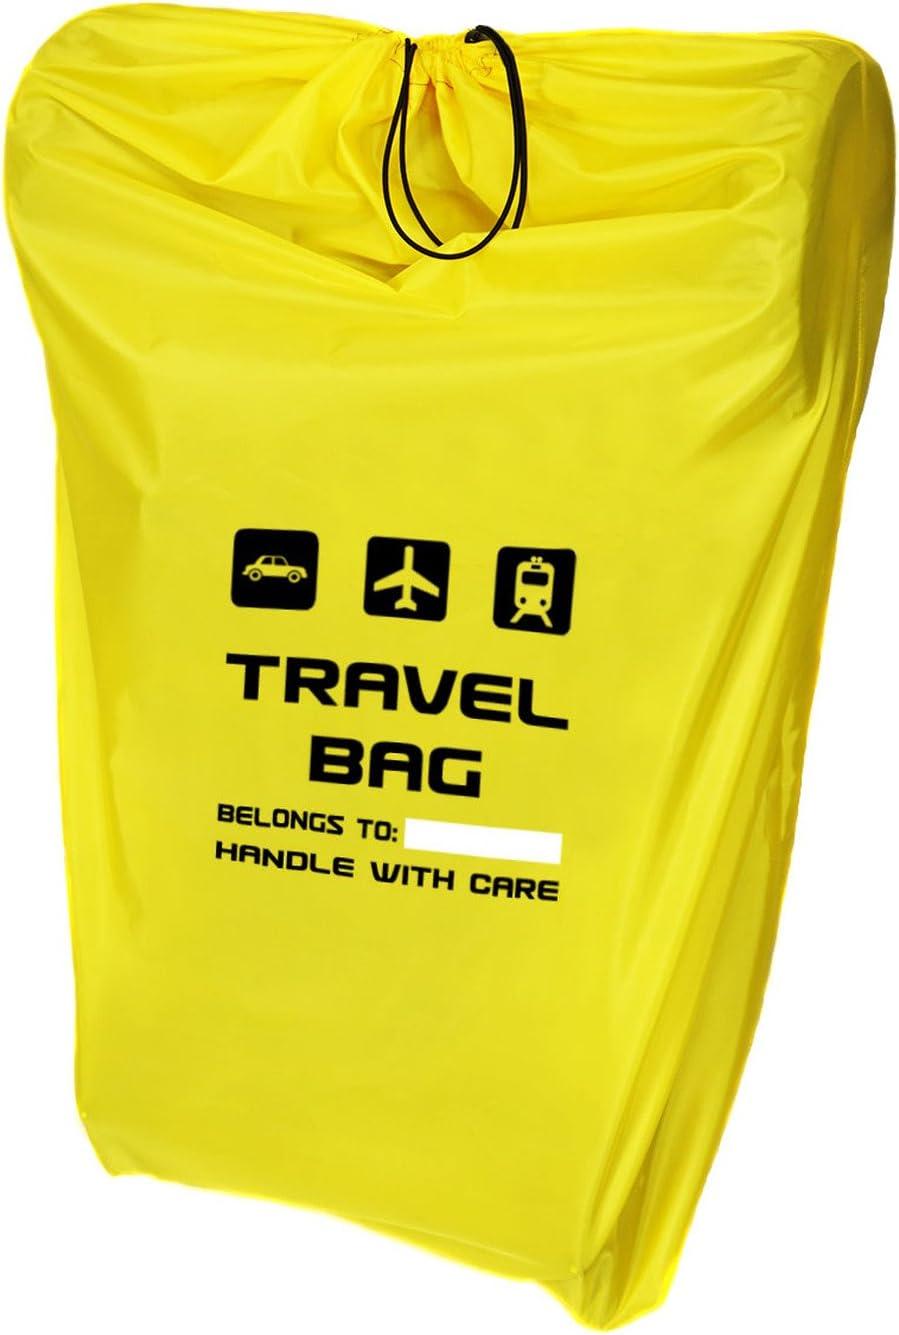 085 Bolsa de transporte universal para cochecito de viaje buggy tama/ño para 100x60x40 protecci/ón Viaje Impermeable Ligero Est/ándar Mochila para Cochecito